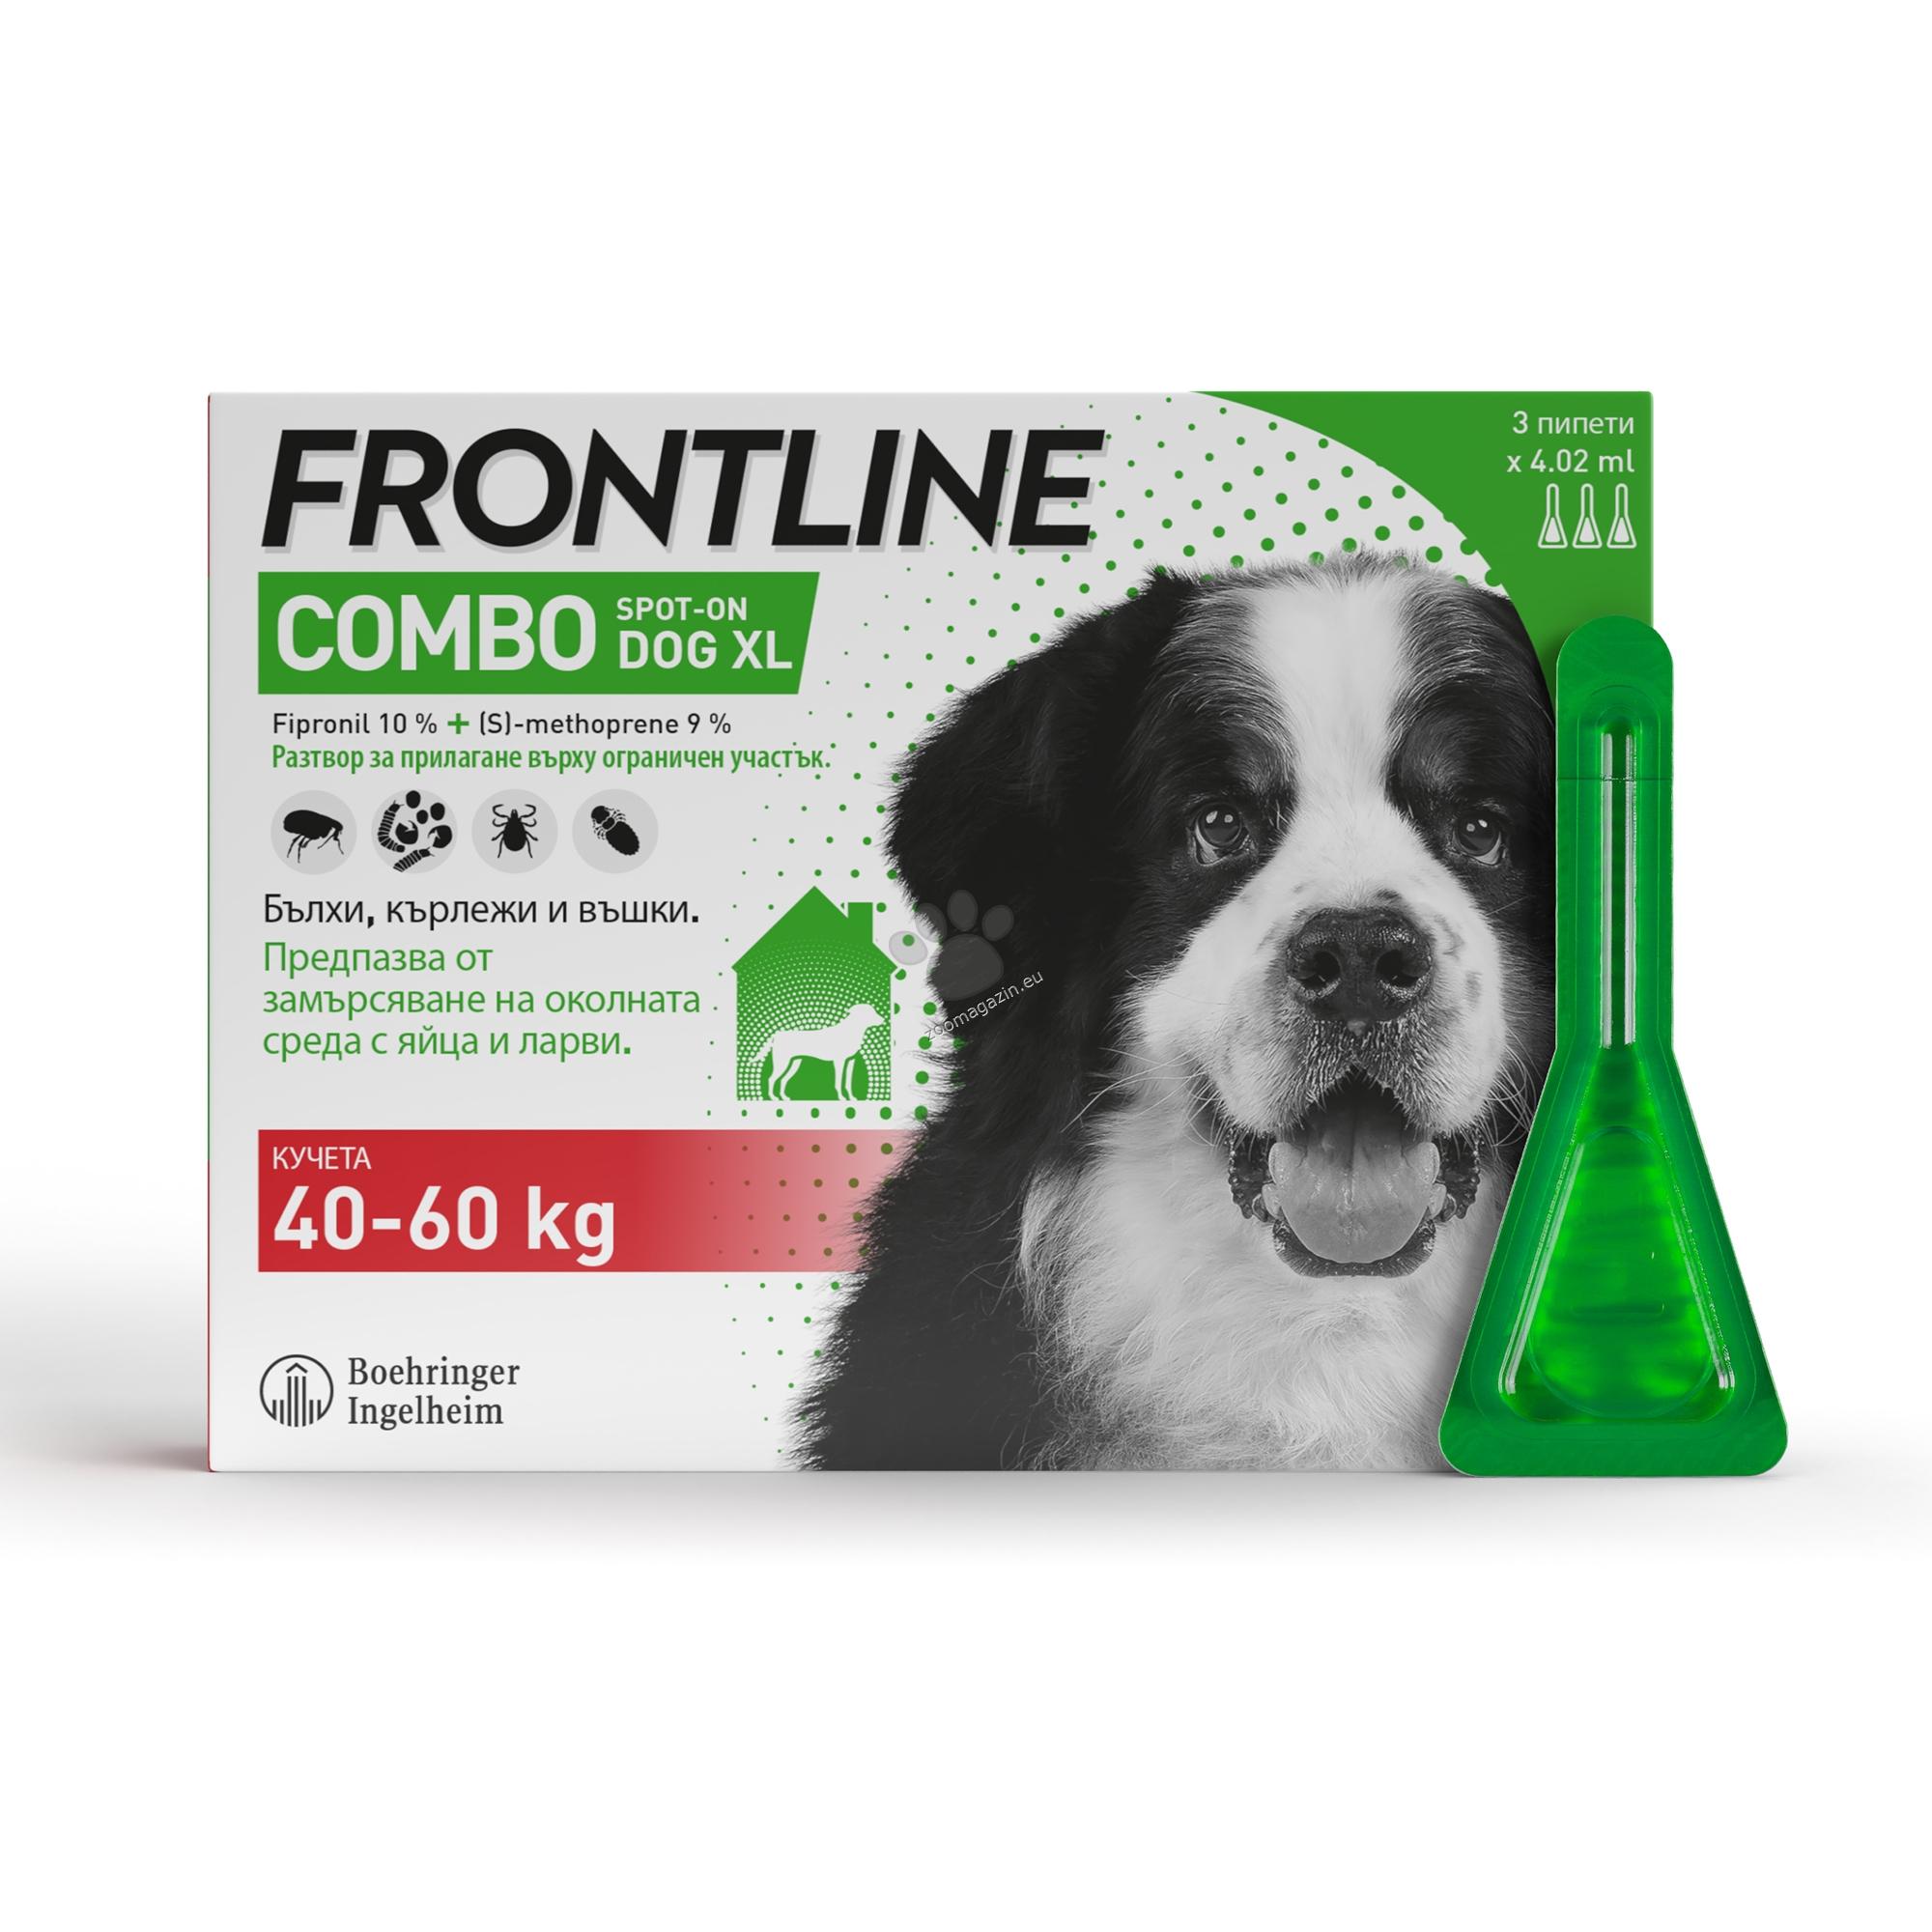 Frontline Combo spot on XL - противопаразитни пипети за кучета от 40 до 60 кг. / кутия с 3 броя /